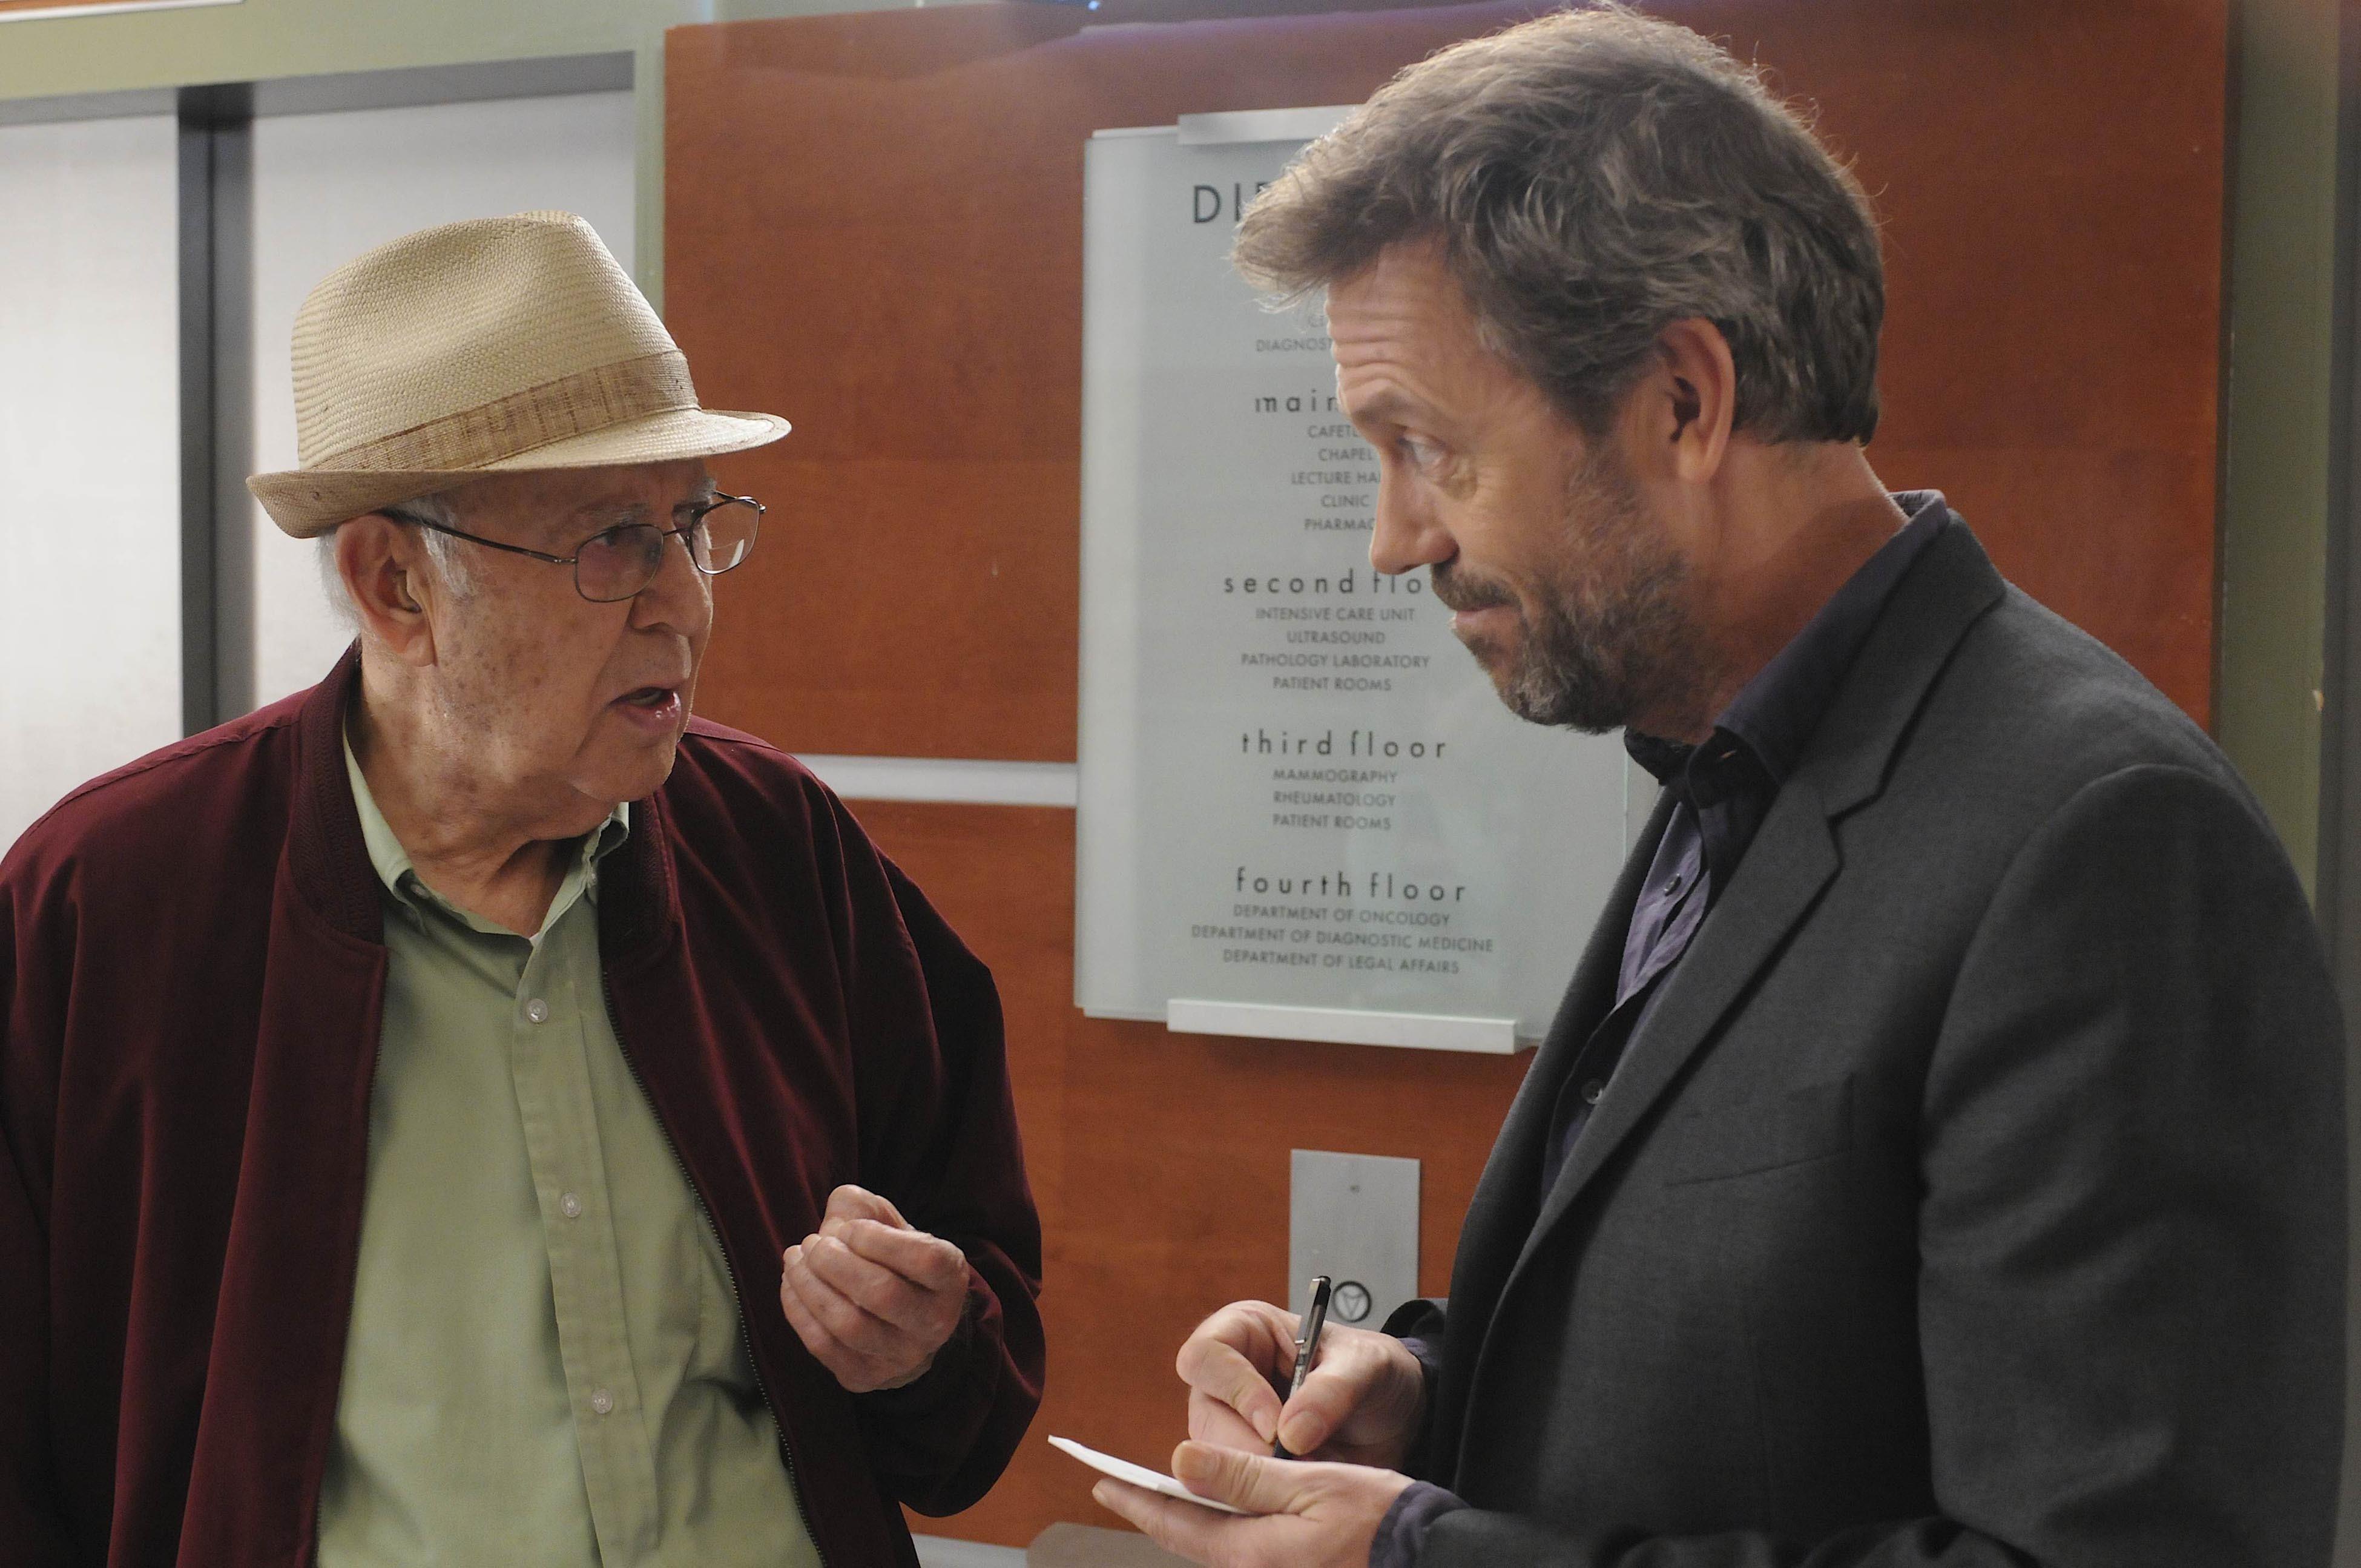 смотреть доктор хаус 5 сезон 5 серия: